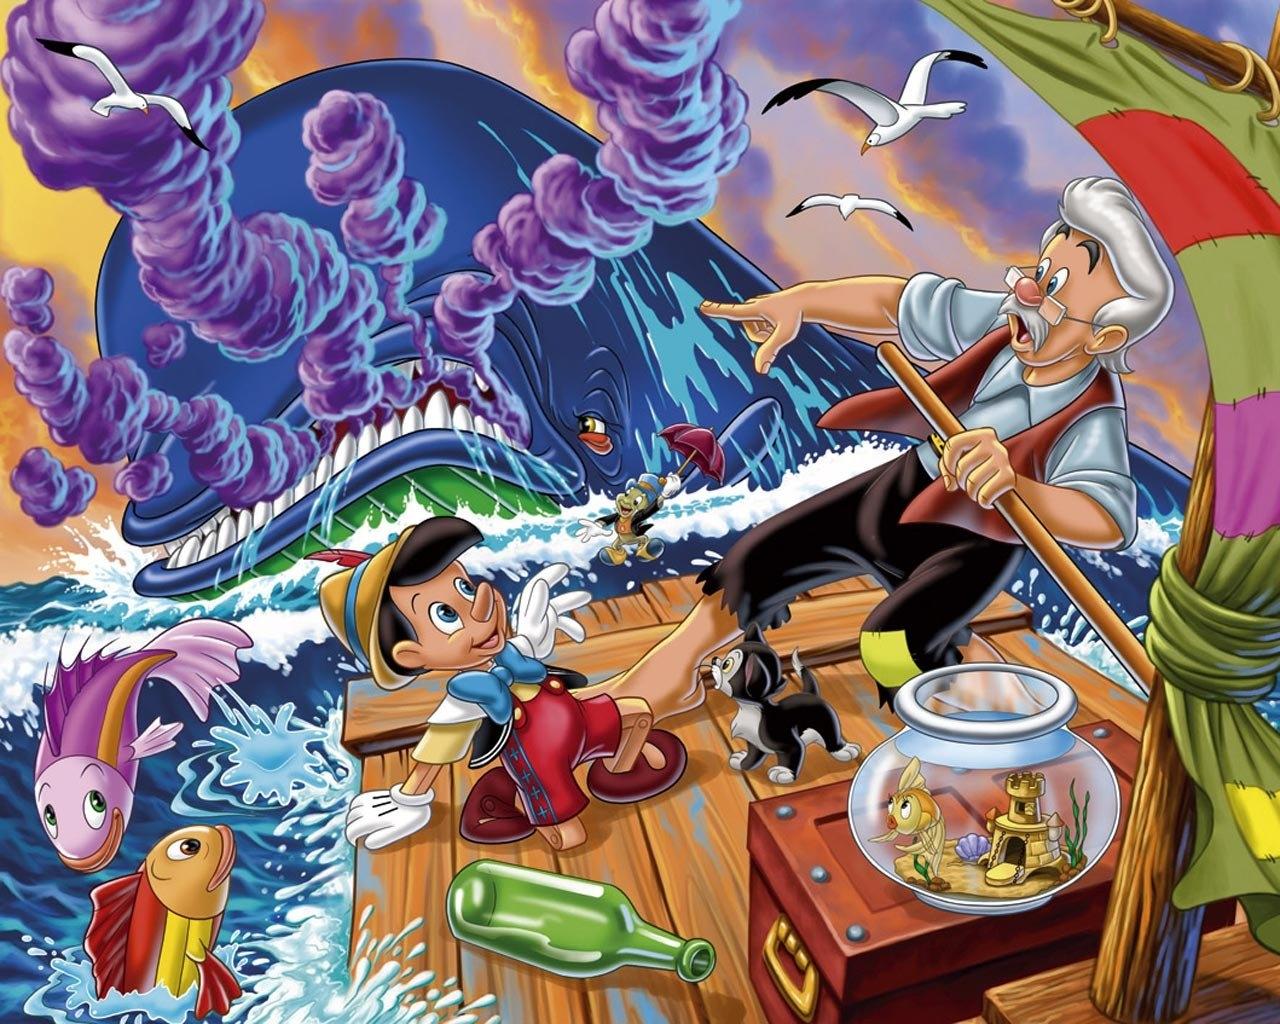 壁紙 ディズニー ピノキオ 漫画 ダウンロード 写真